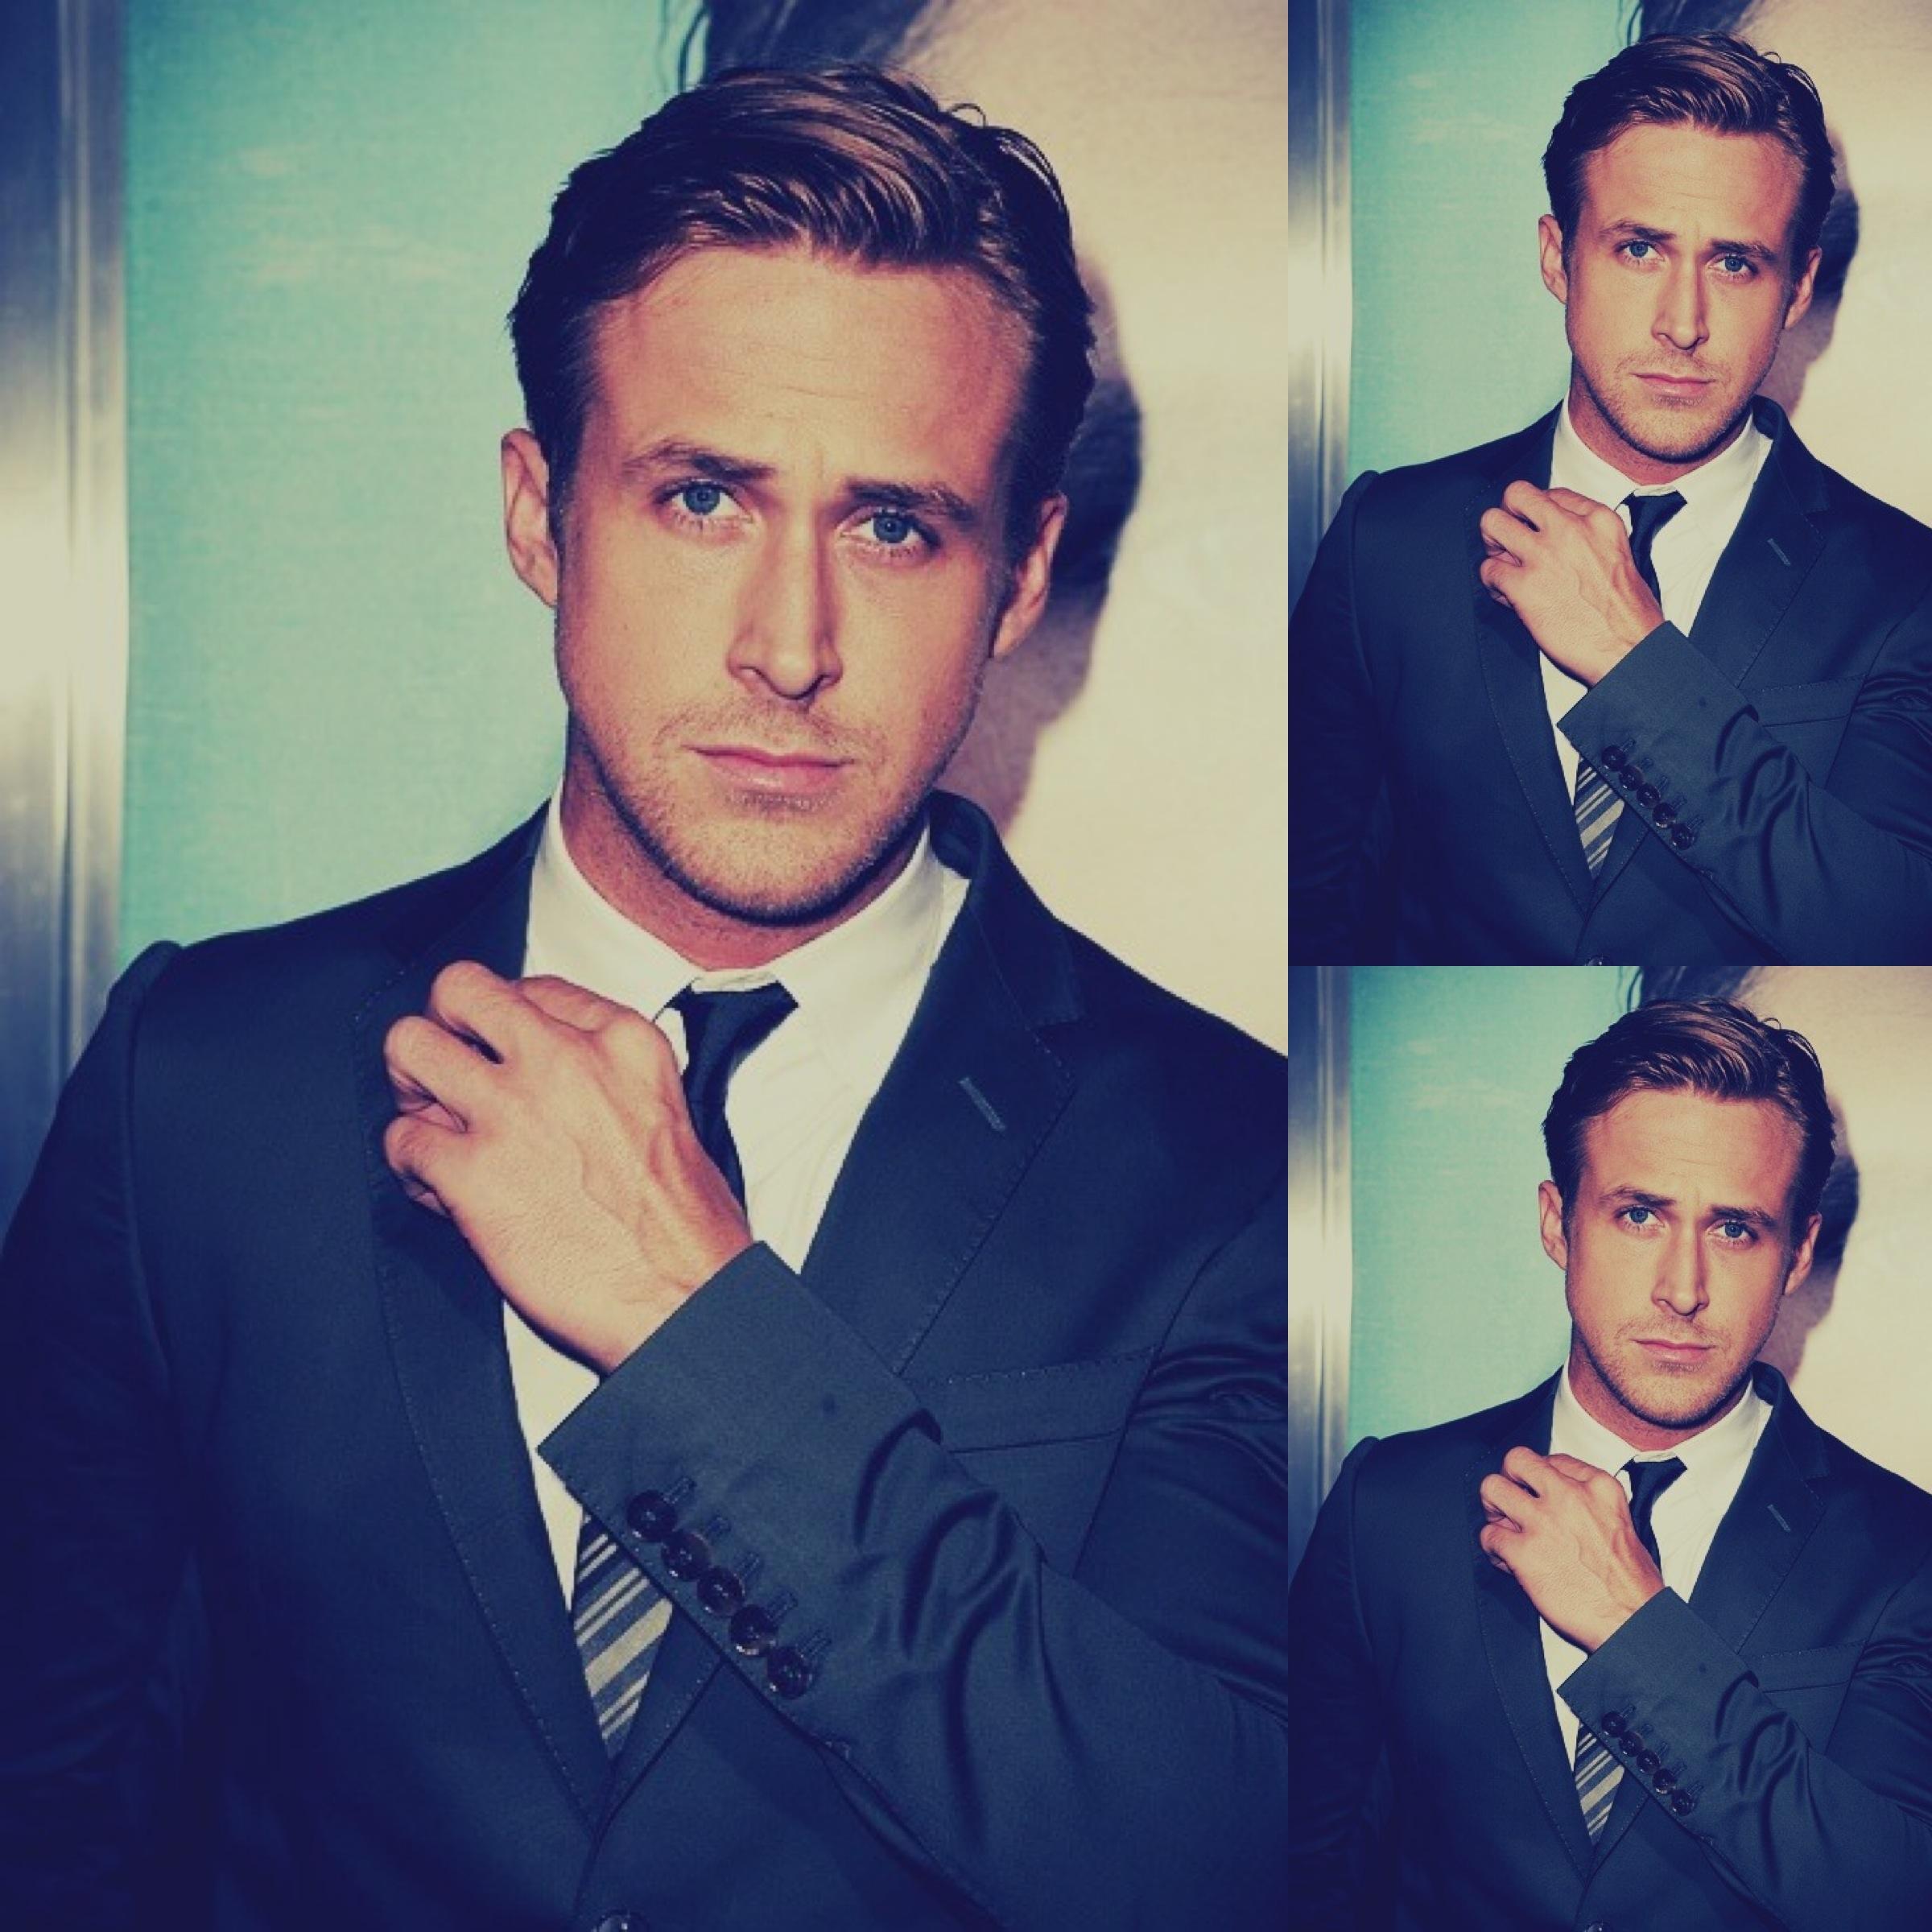 #1 (209 likes) :: Ryan Gosling